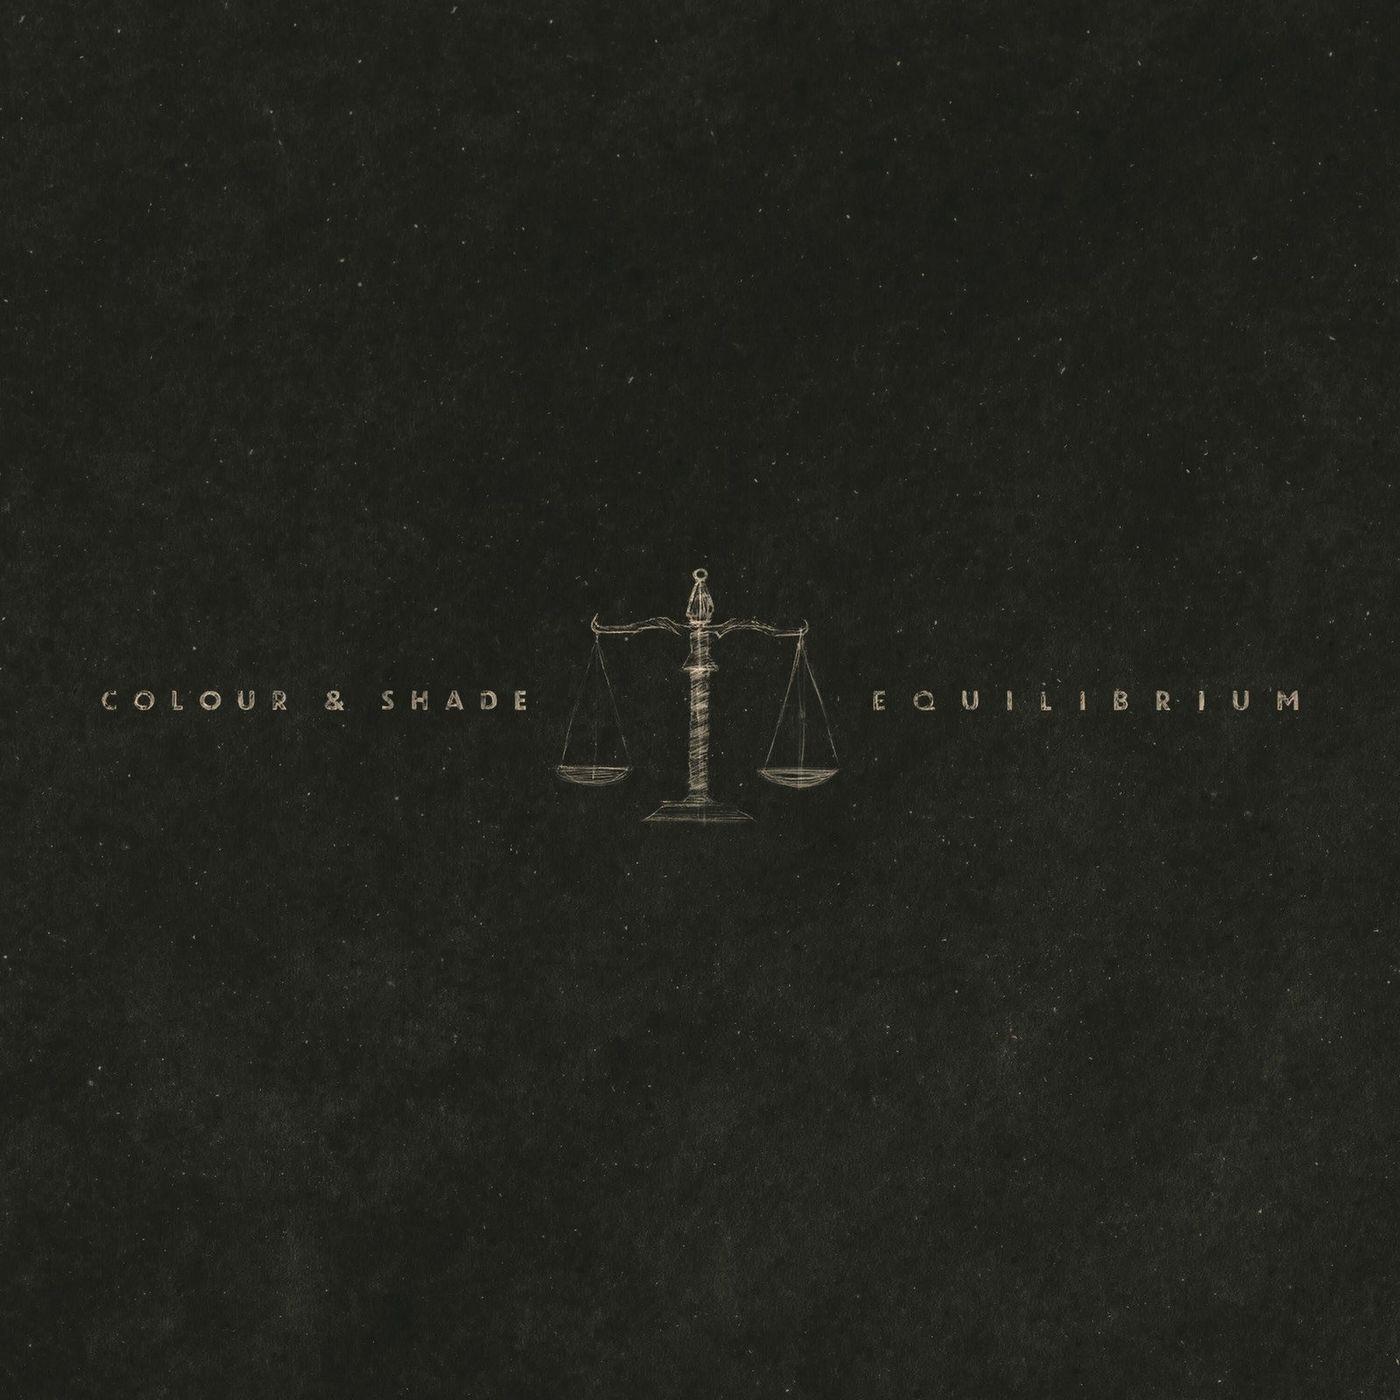 Colour & Shade - Equilibrium [single] (2021)